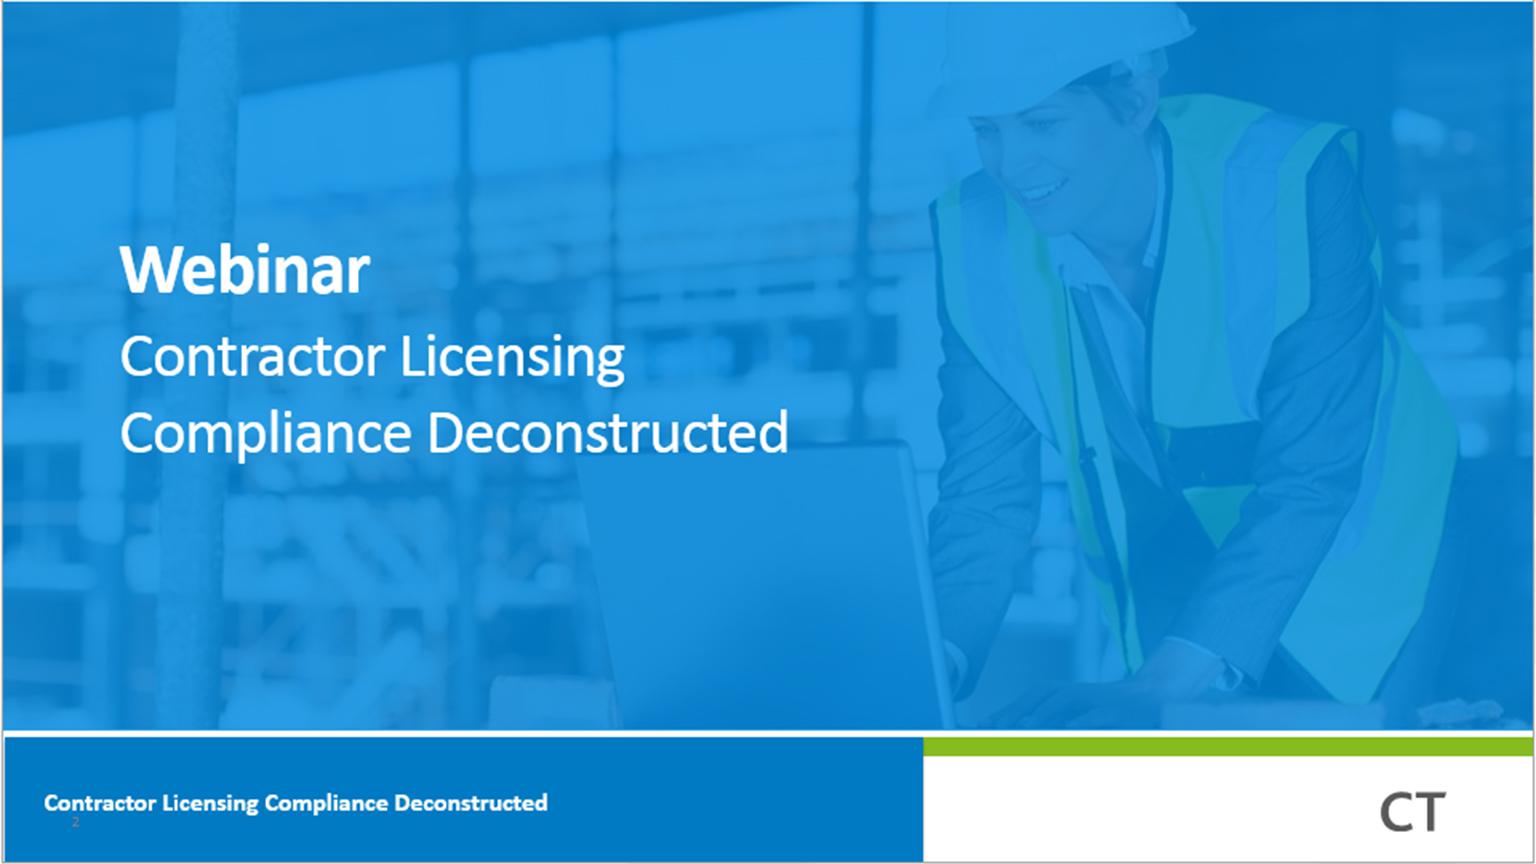 Webinar: Contractor Licensing Compliance Deconstructed